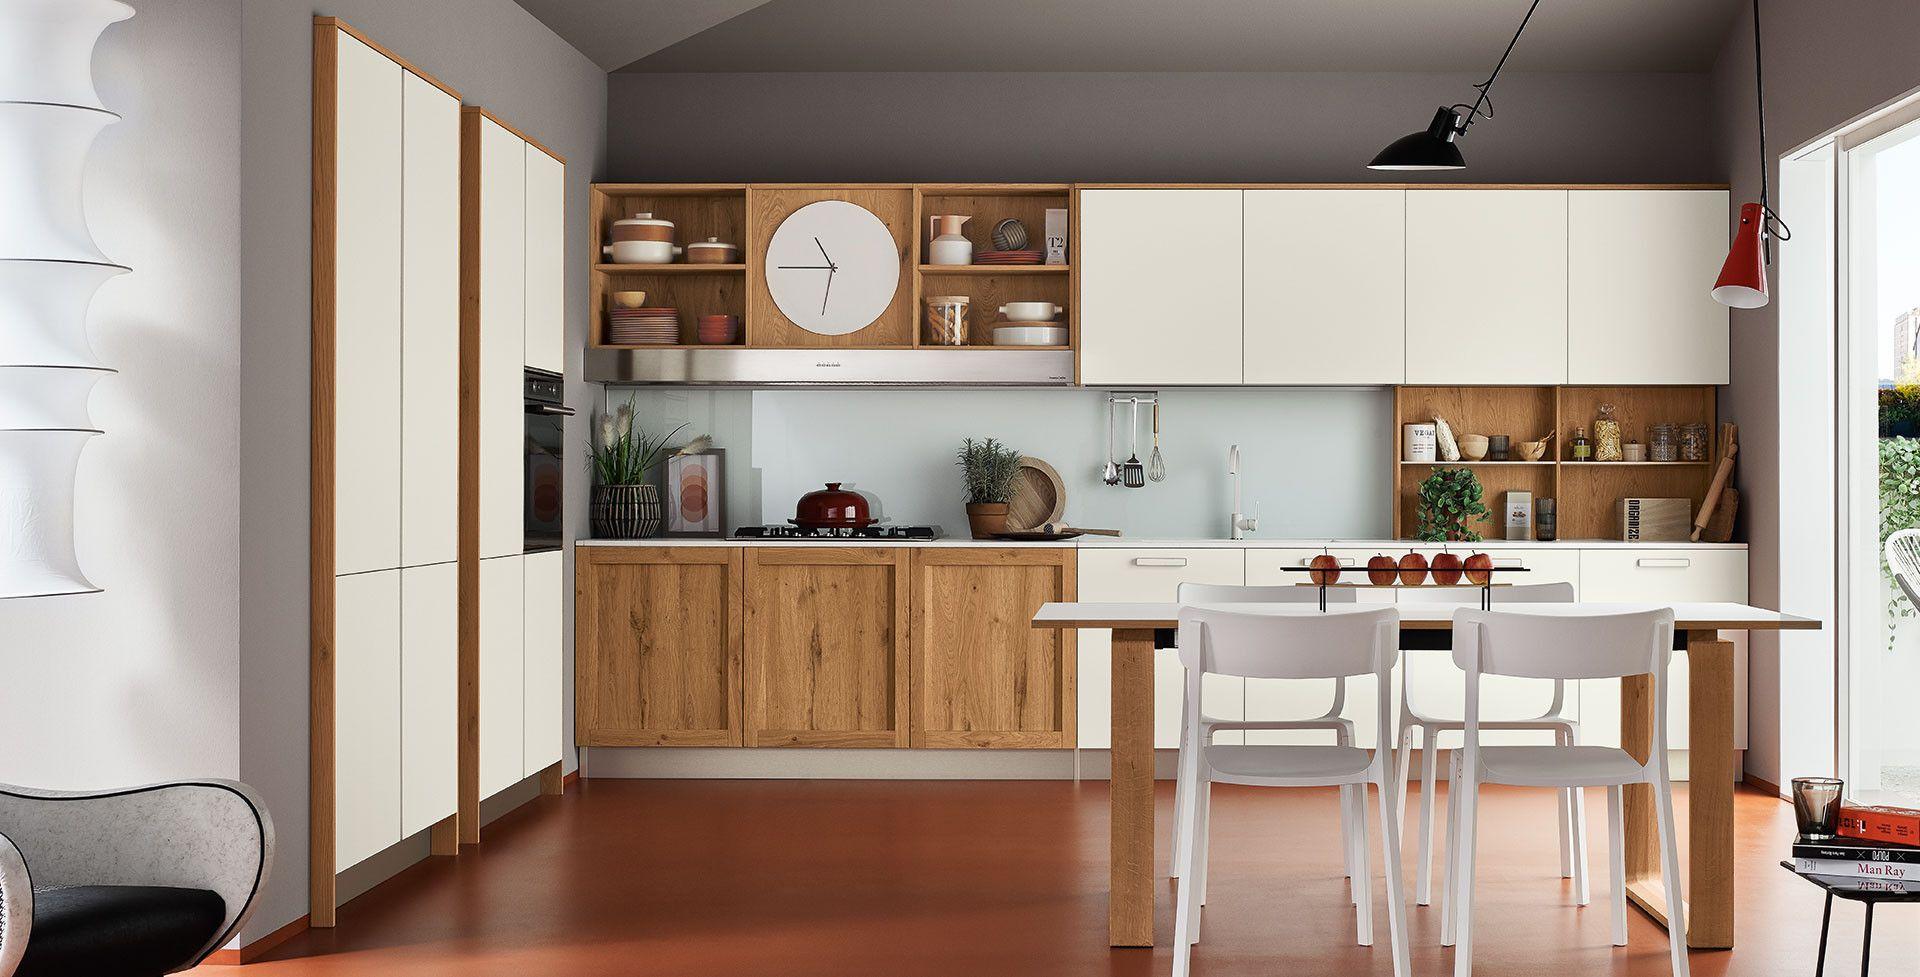 Cucina Milano Veneta Cucine V 2020 G Derevenskij Dizajn Kuhni